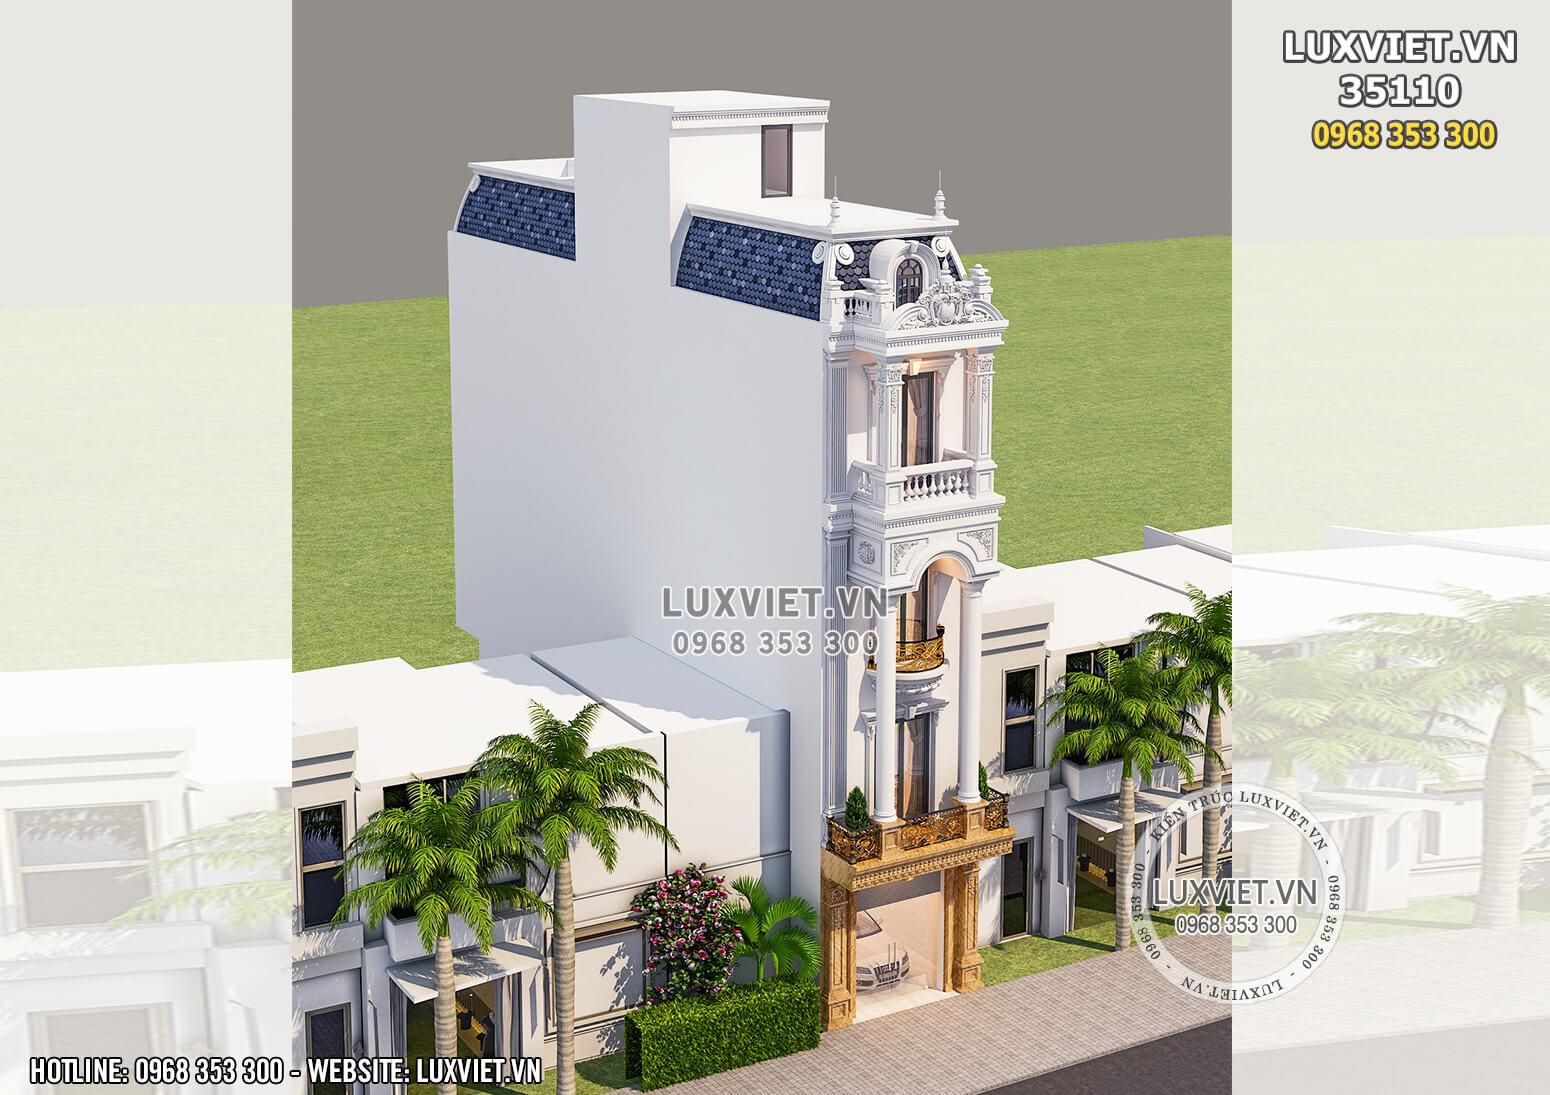 Hình ảnh: Nhà phố 4 tầng mặt tiền 5m mang phong cách tân cổ điển